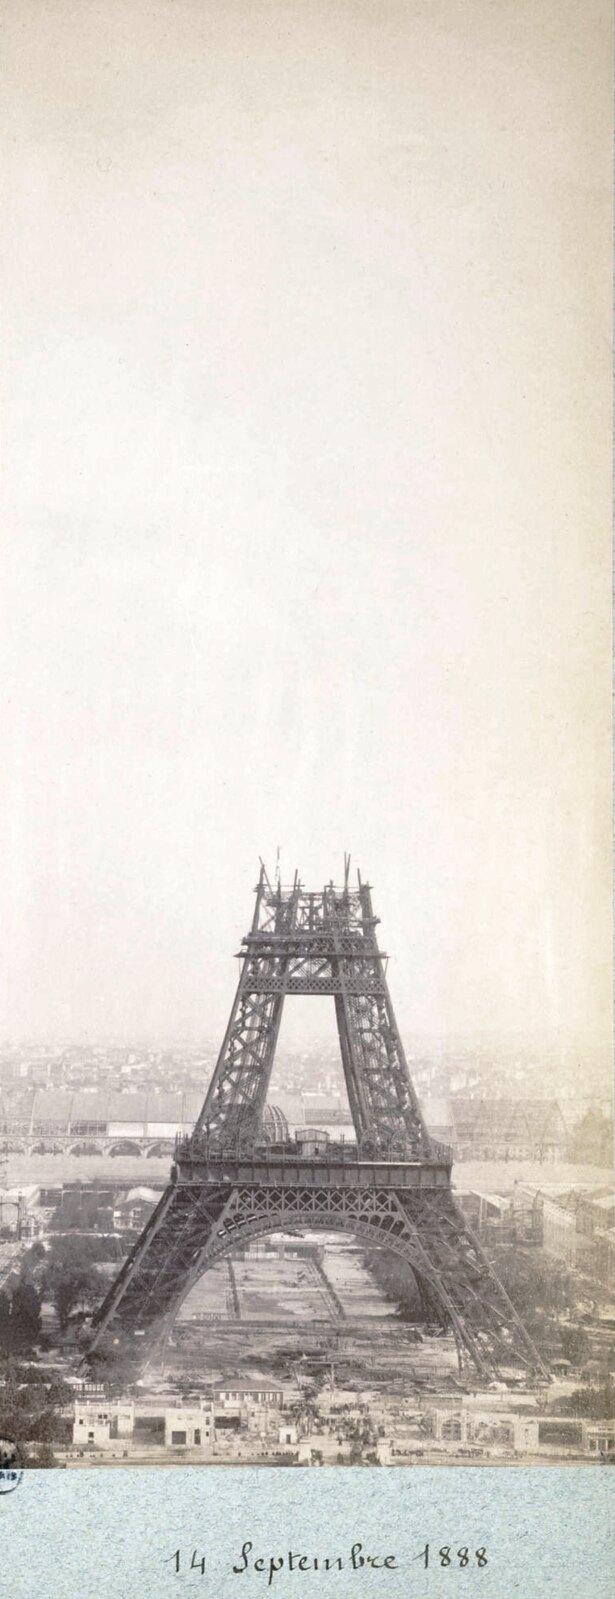 10. 1888. 14 сентября